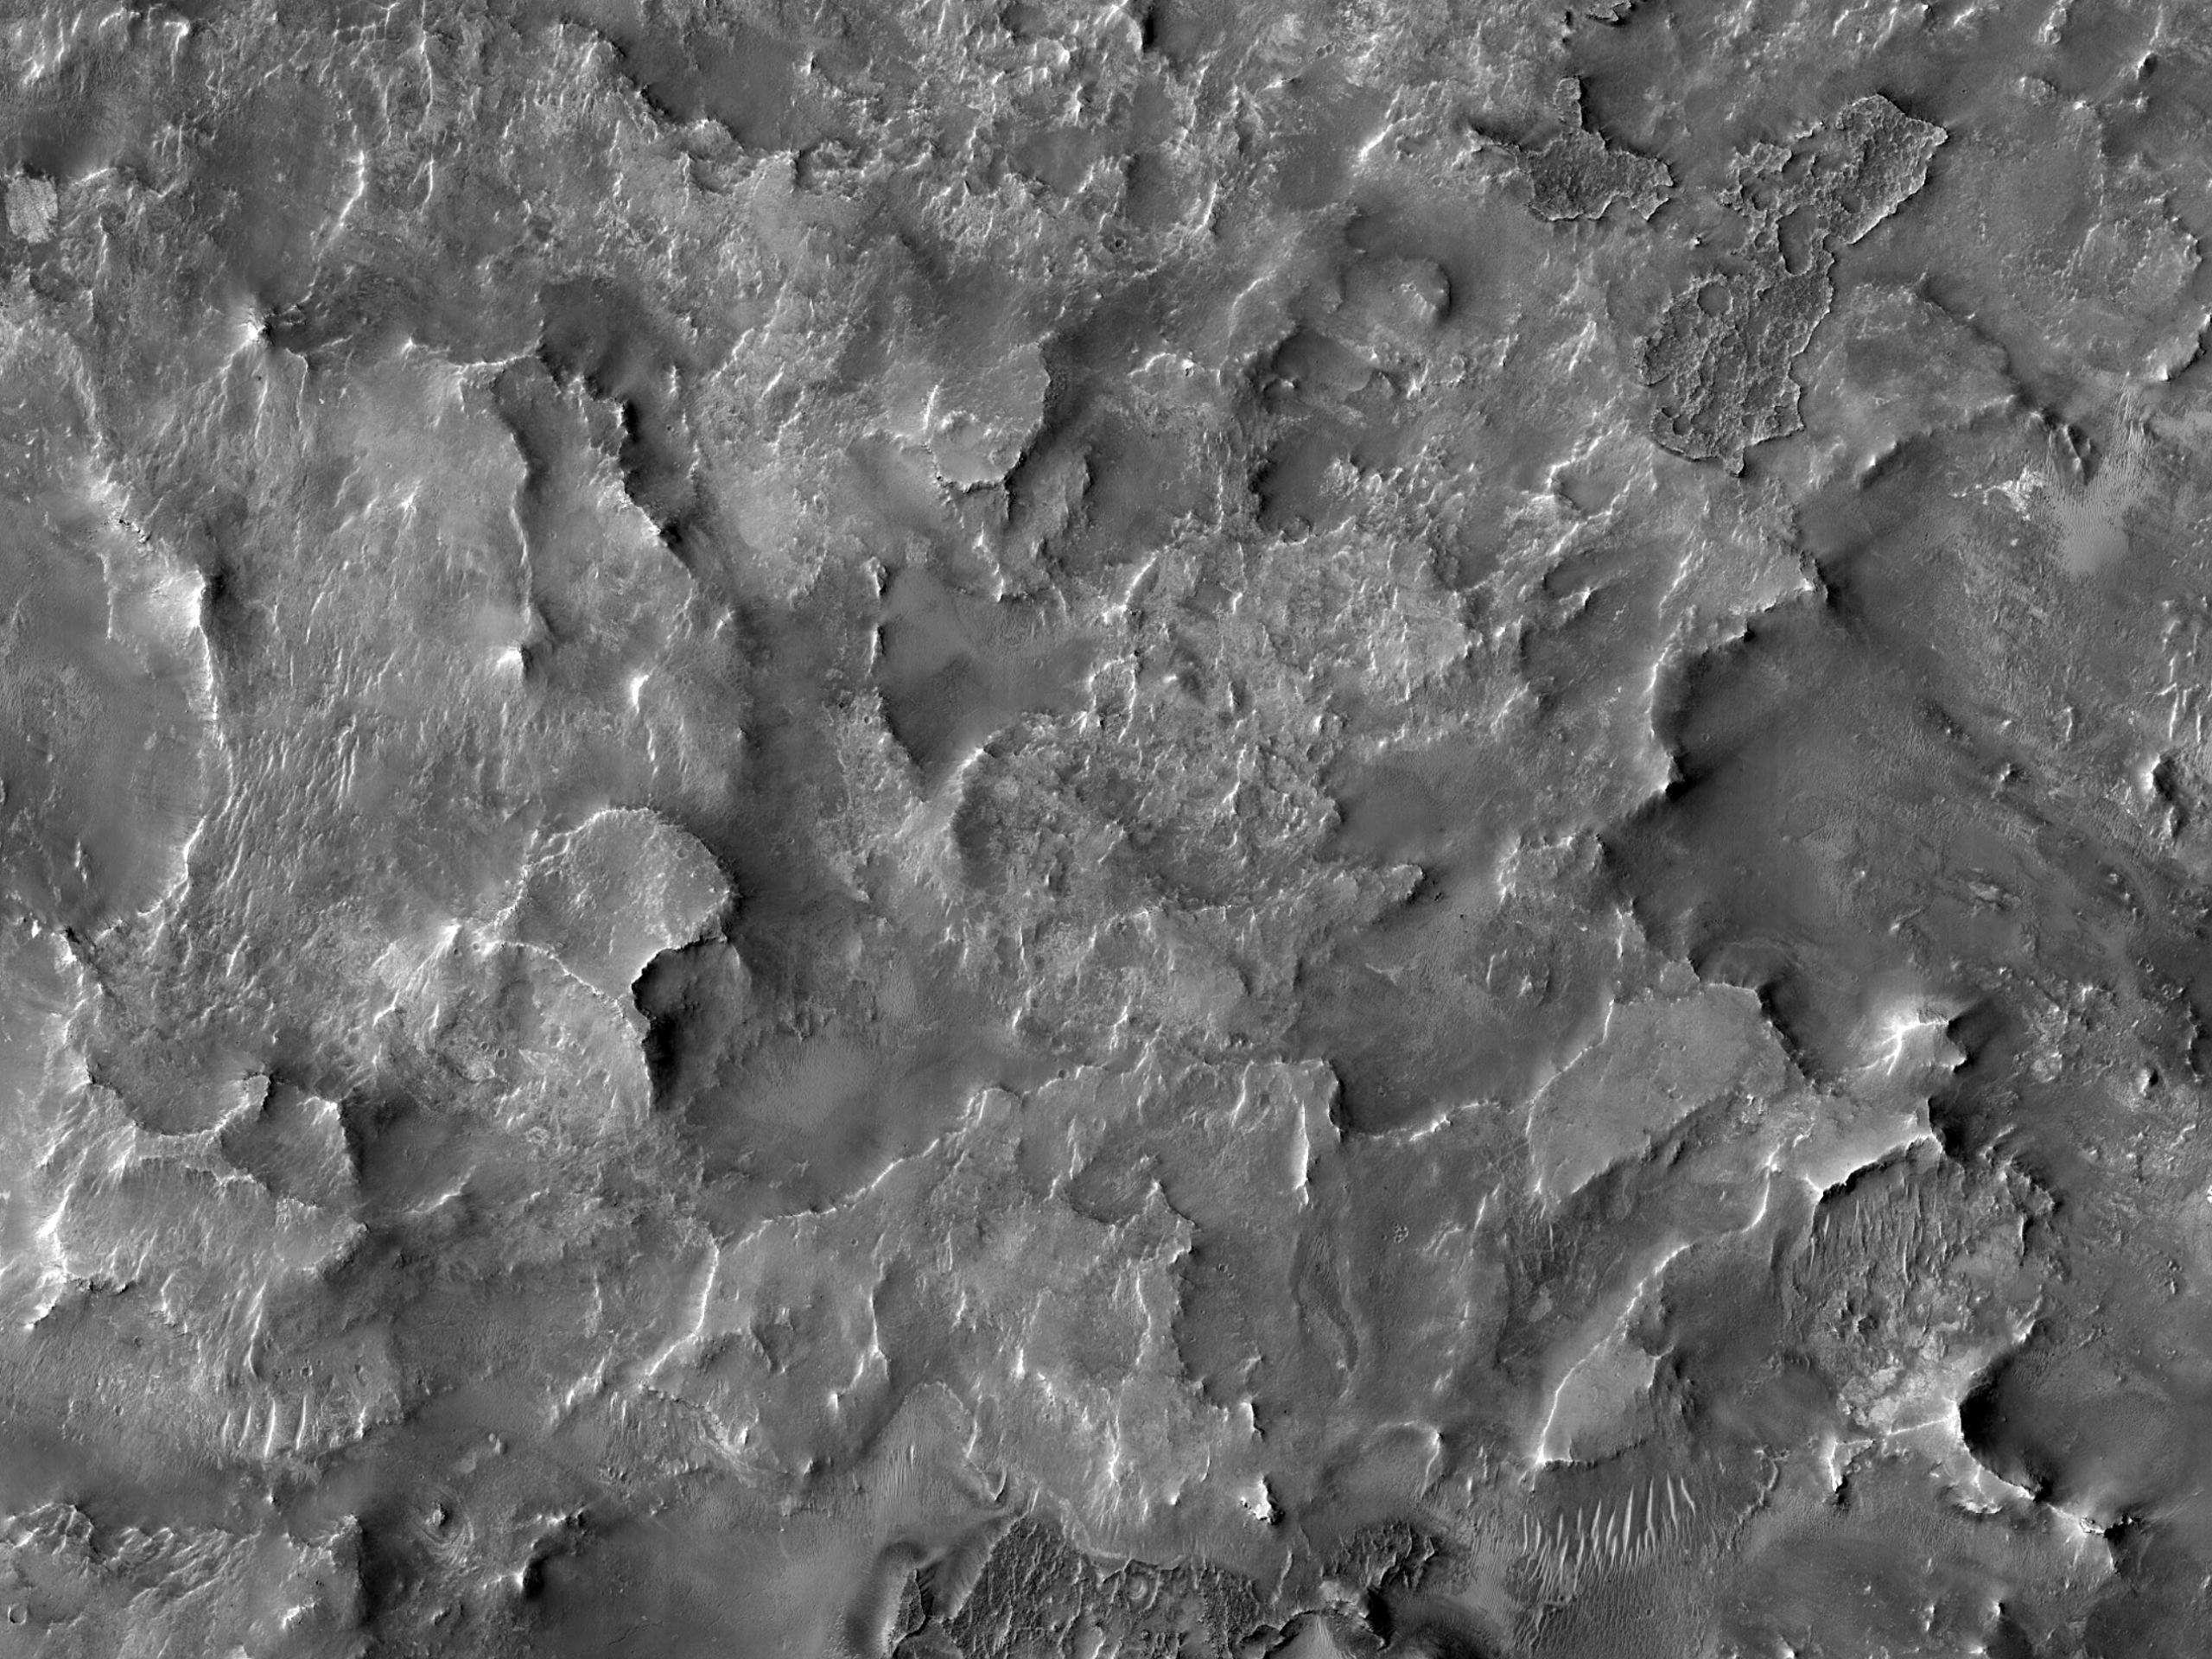 Possible Quartz-Rich Terrain in Antoniadi Crater